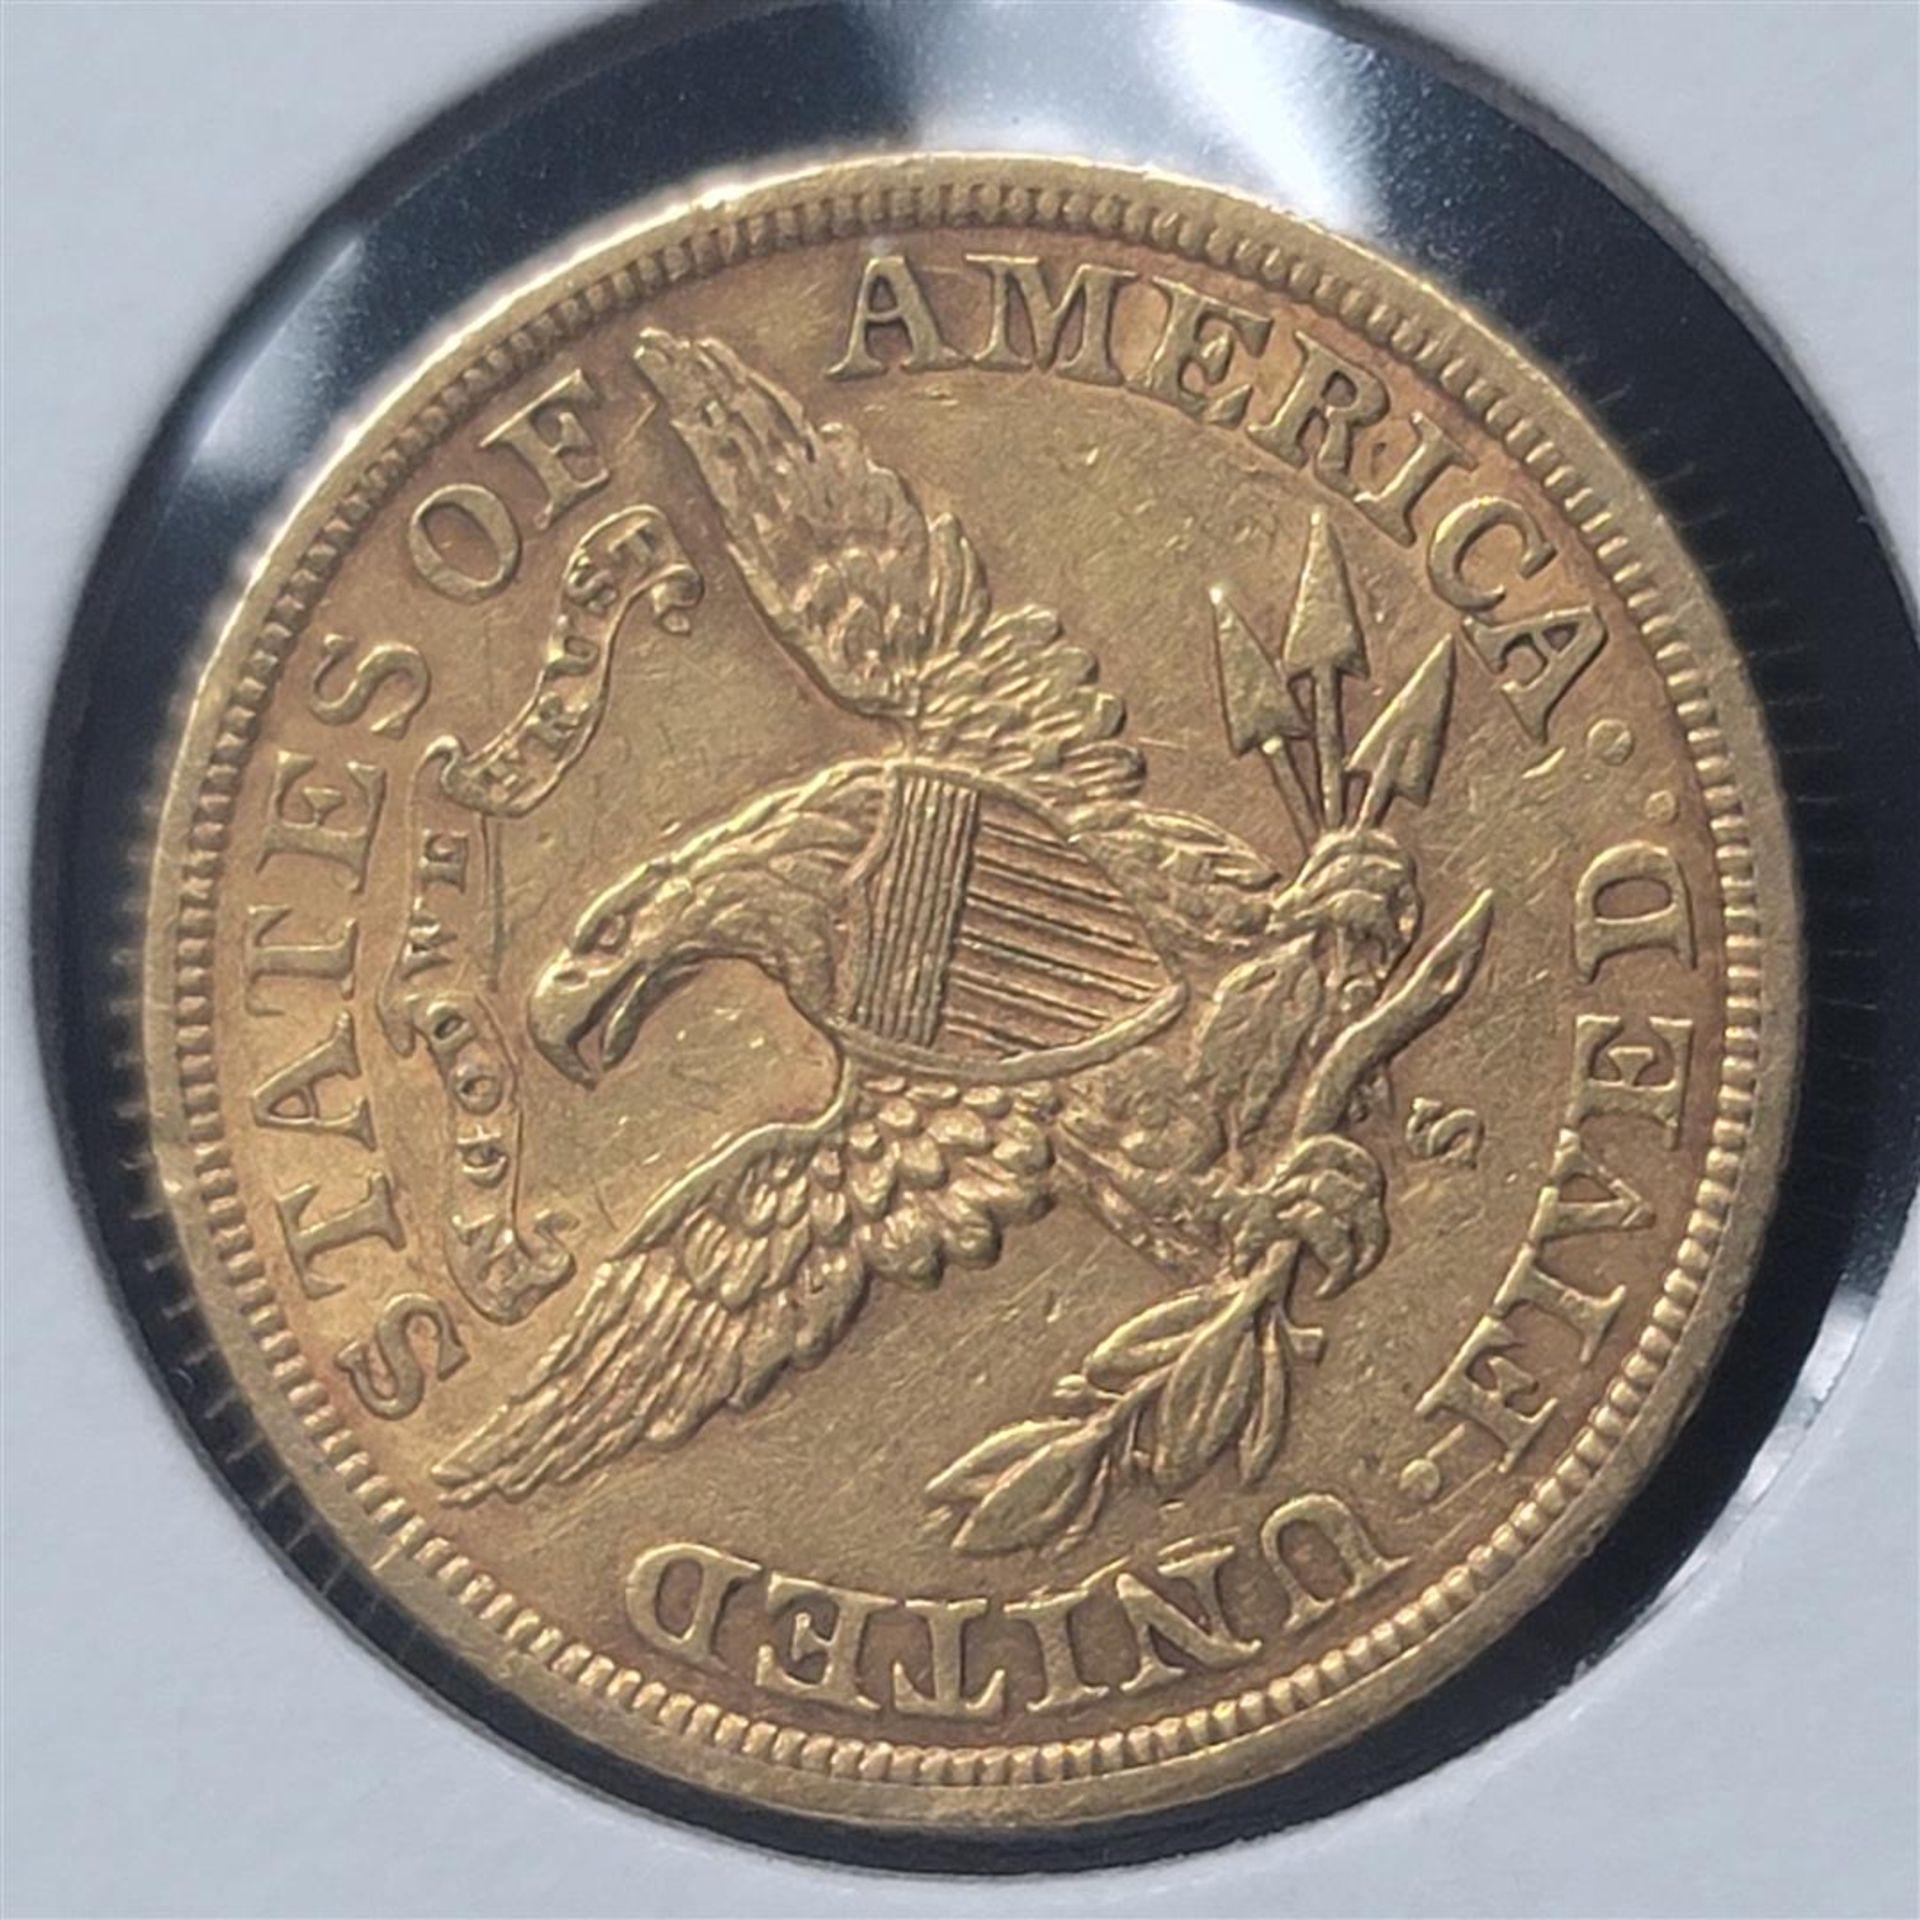 1903-S $5 Liberty Head Half Eagle AU - Image 4 of 4